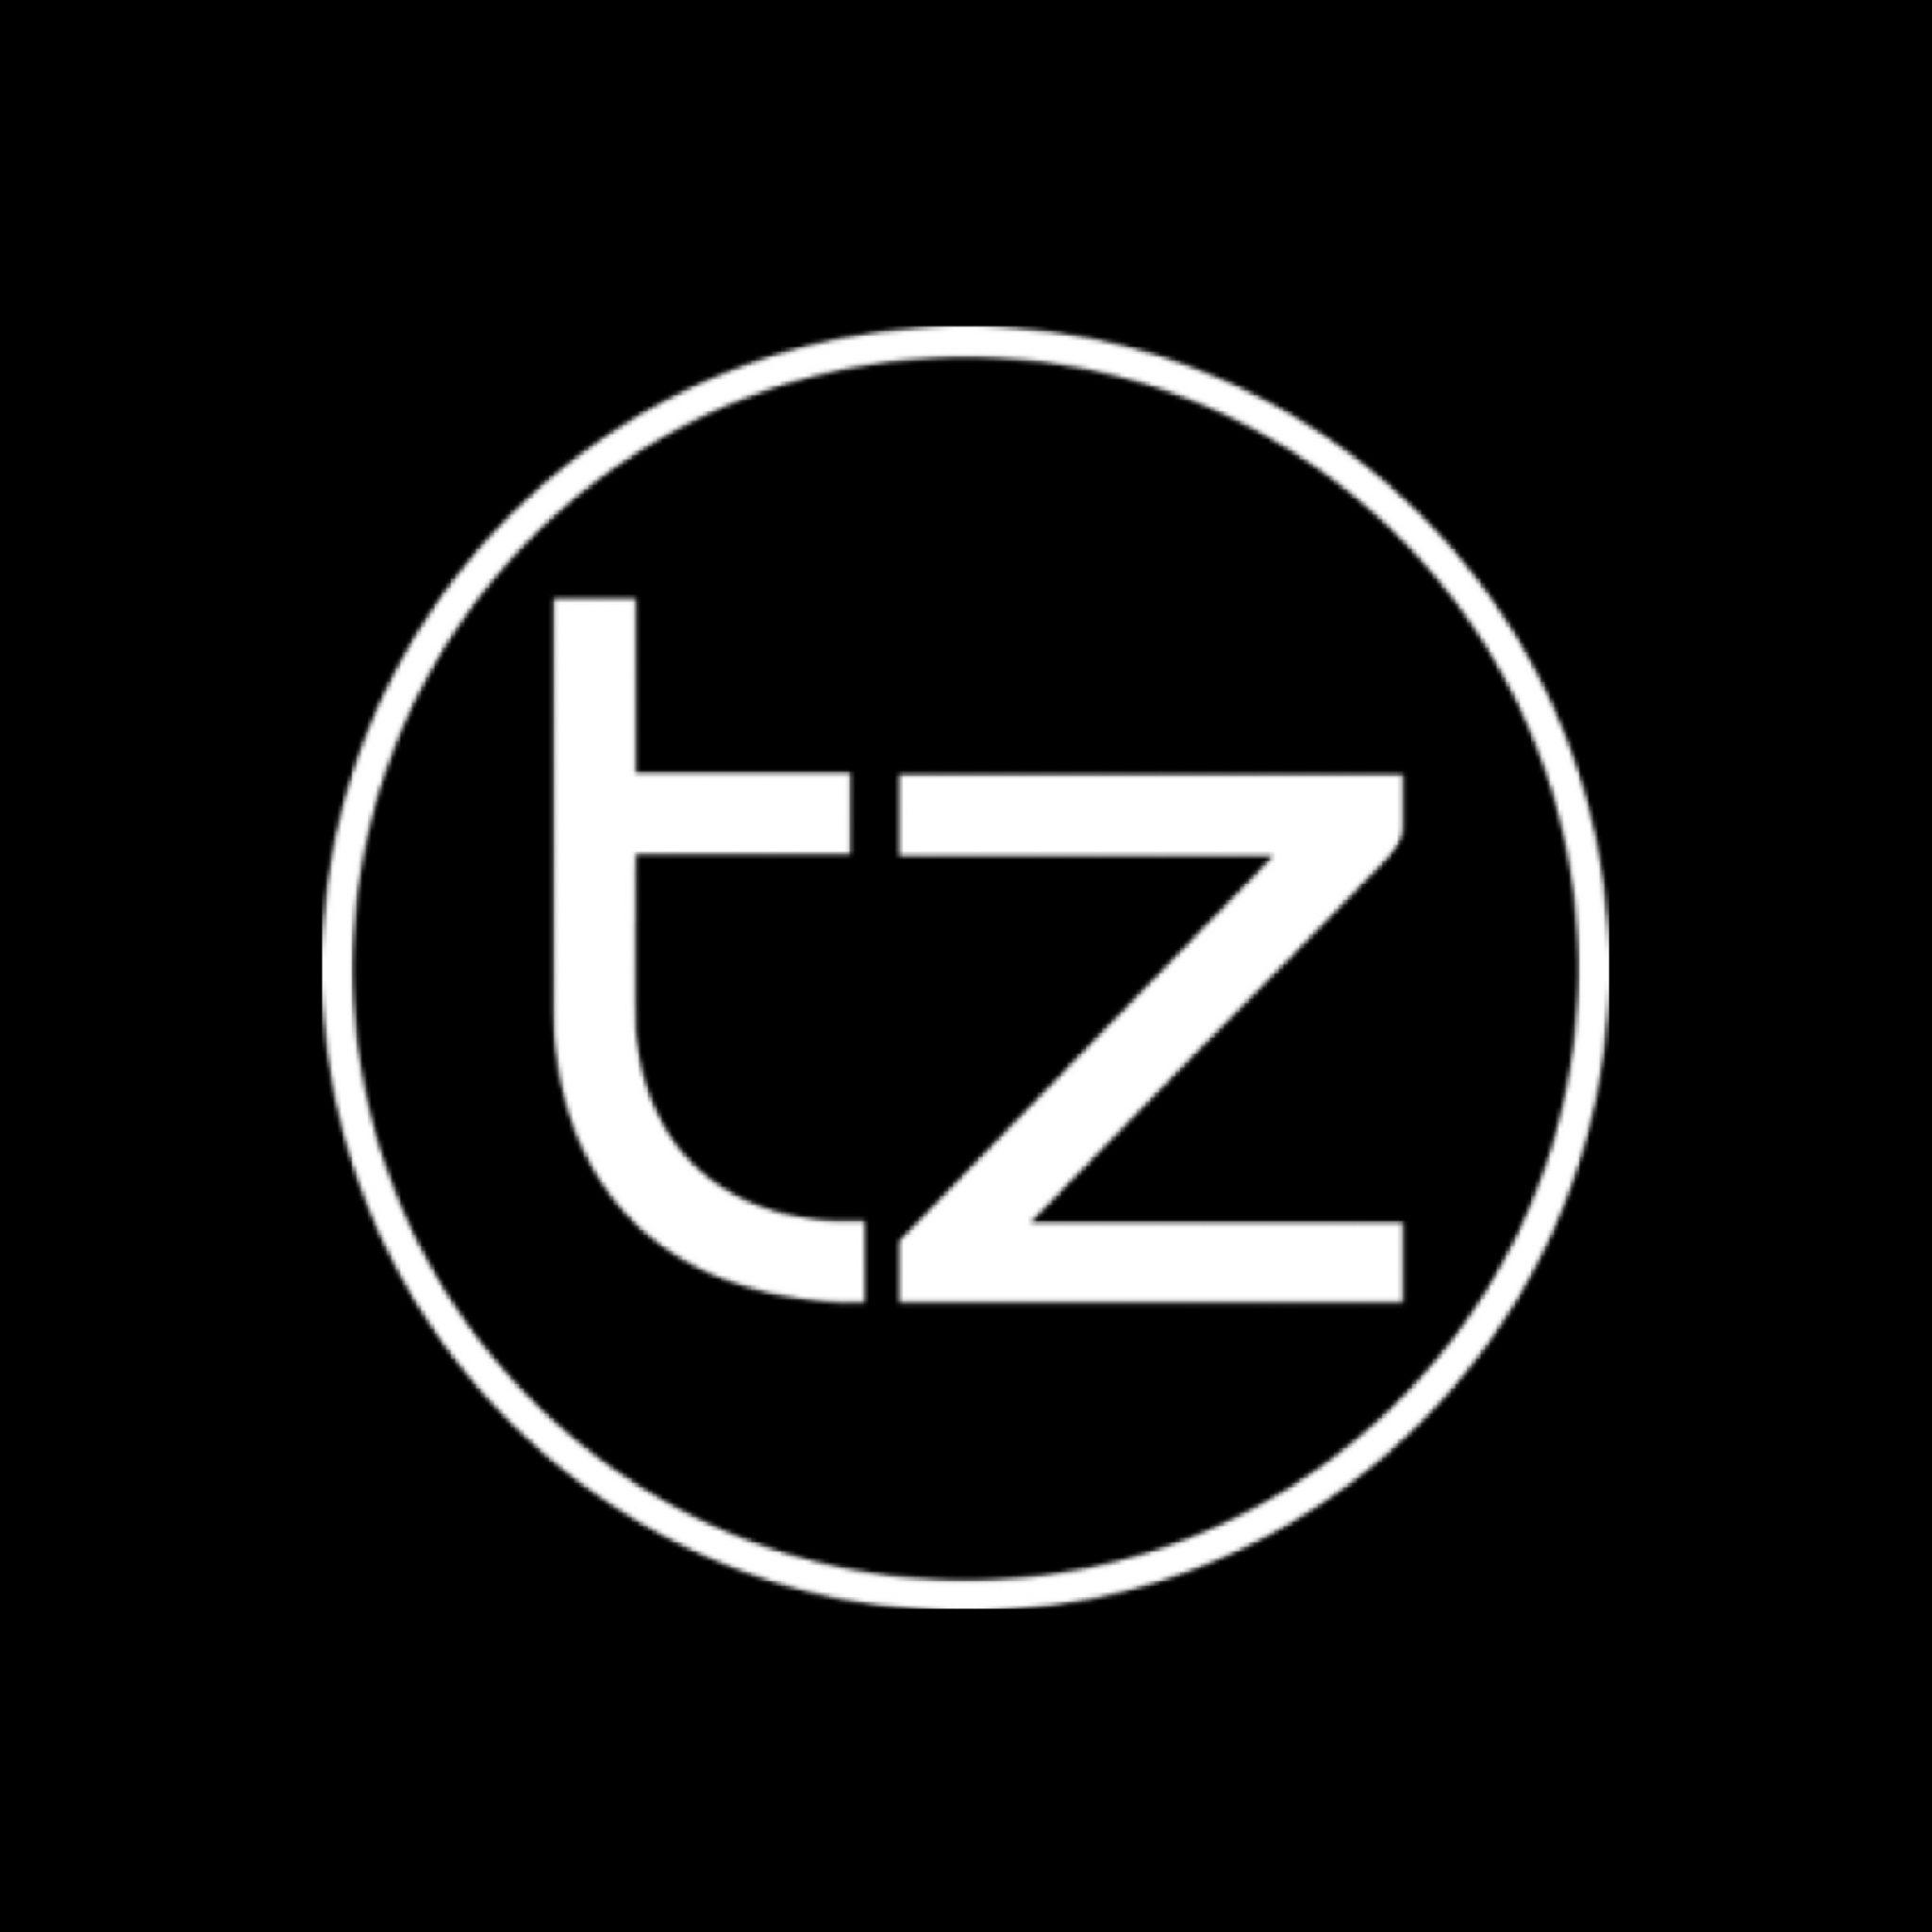 teeze-cosmetic-2048x2048